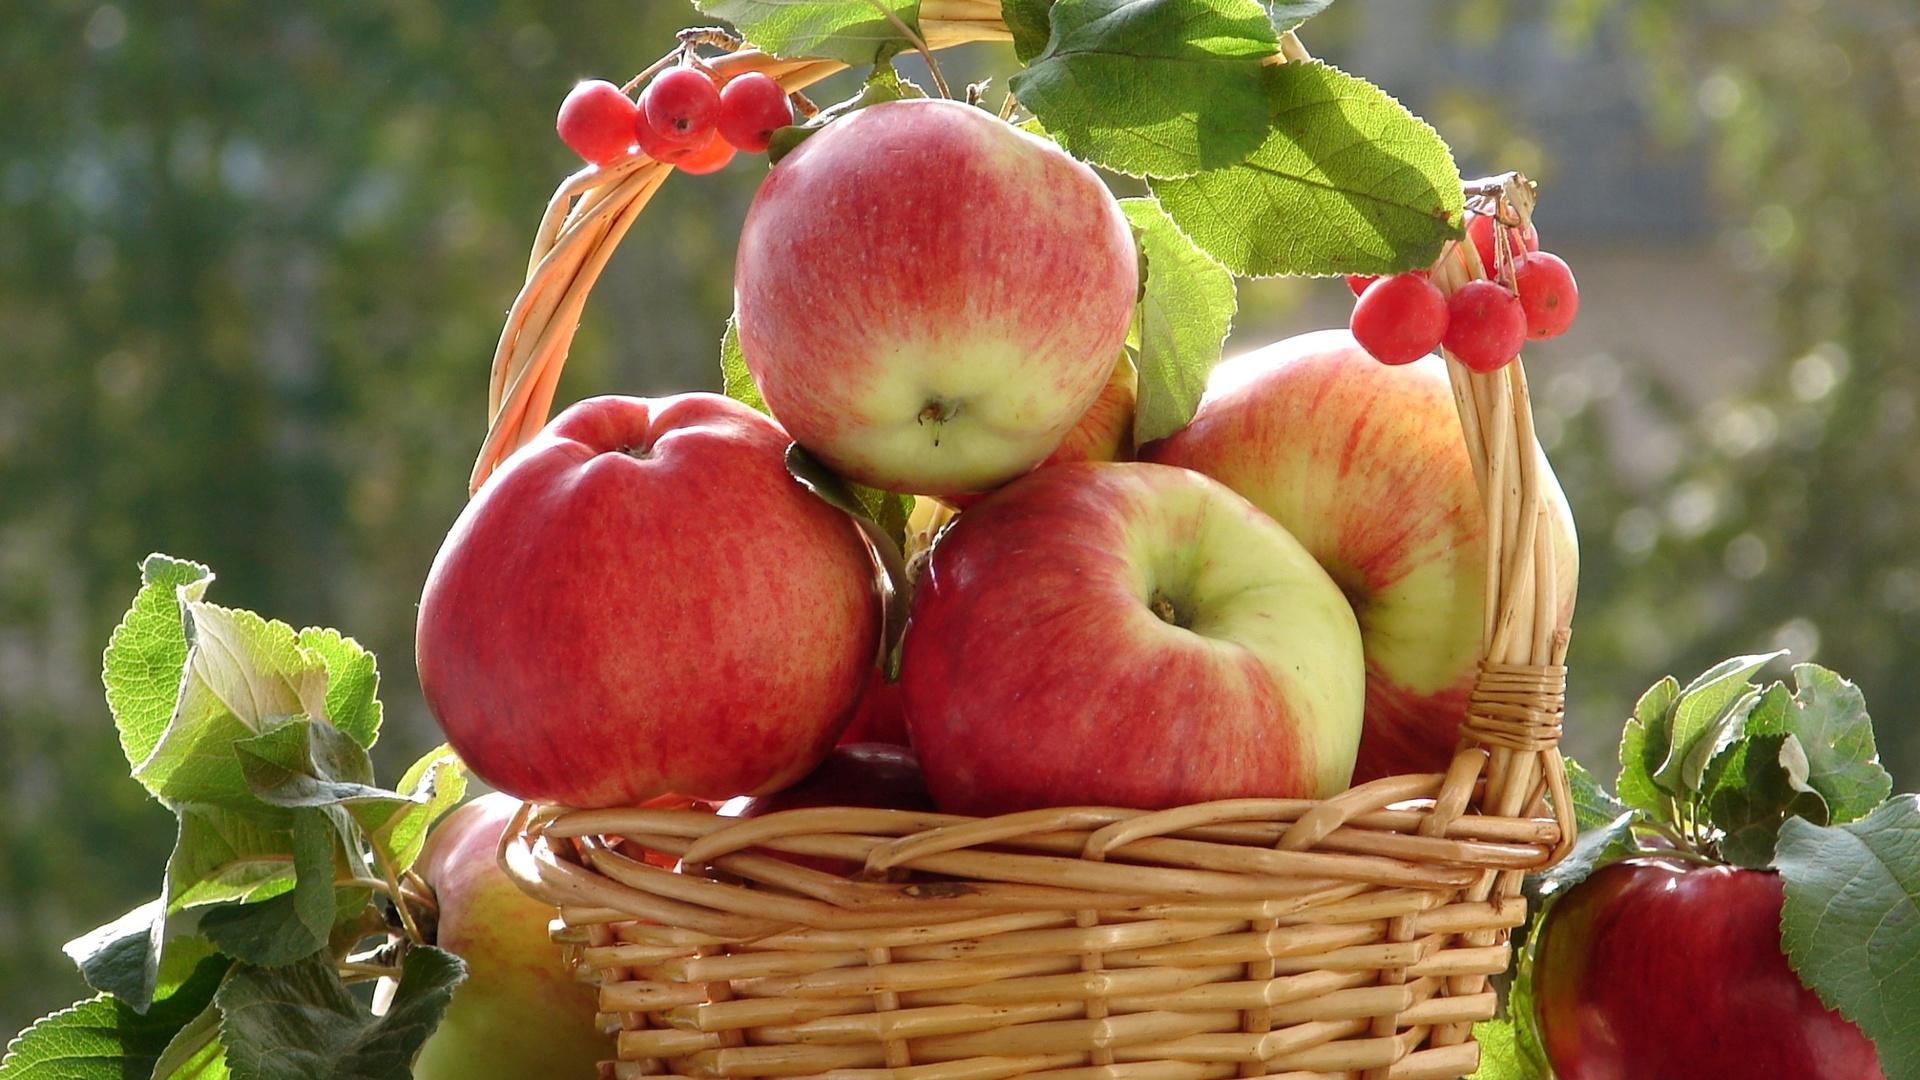 яблоки корзина очень листья смотреть